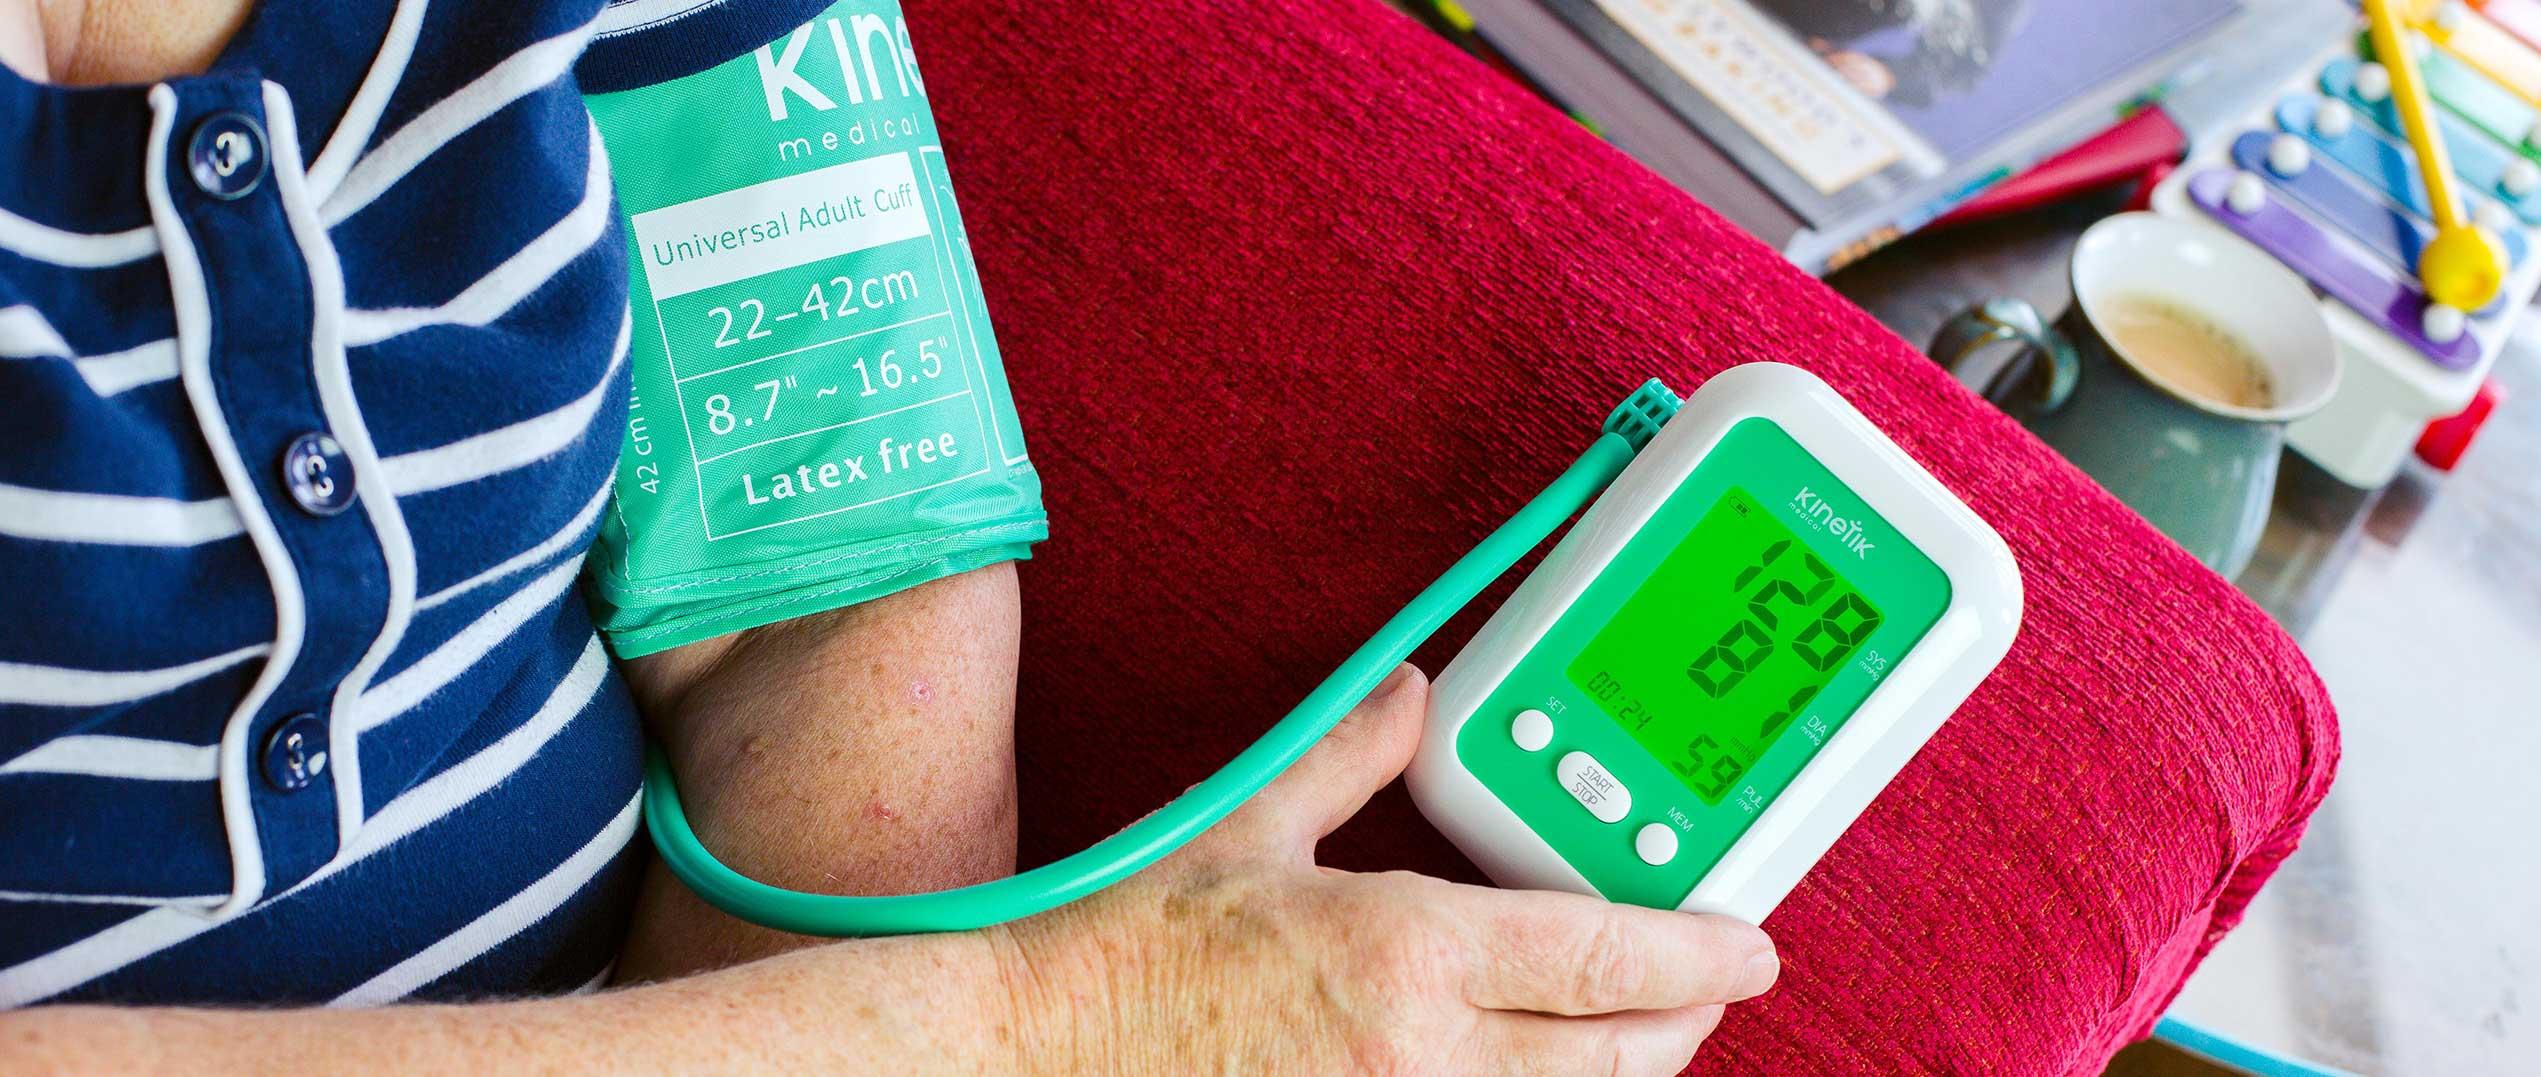 sürgősségi otthoni ellátás magas vérnyomás esetén